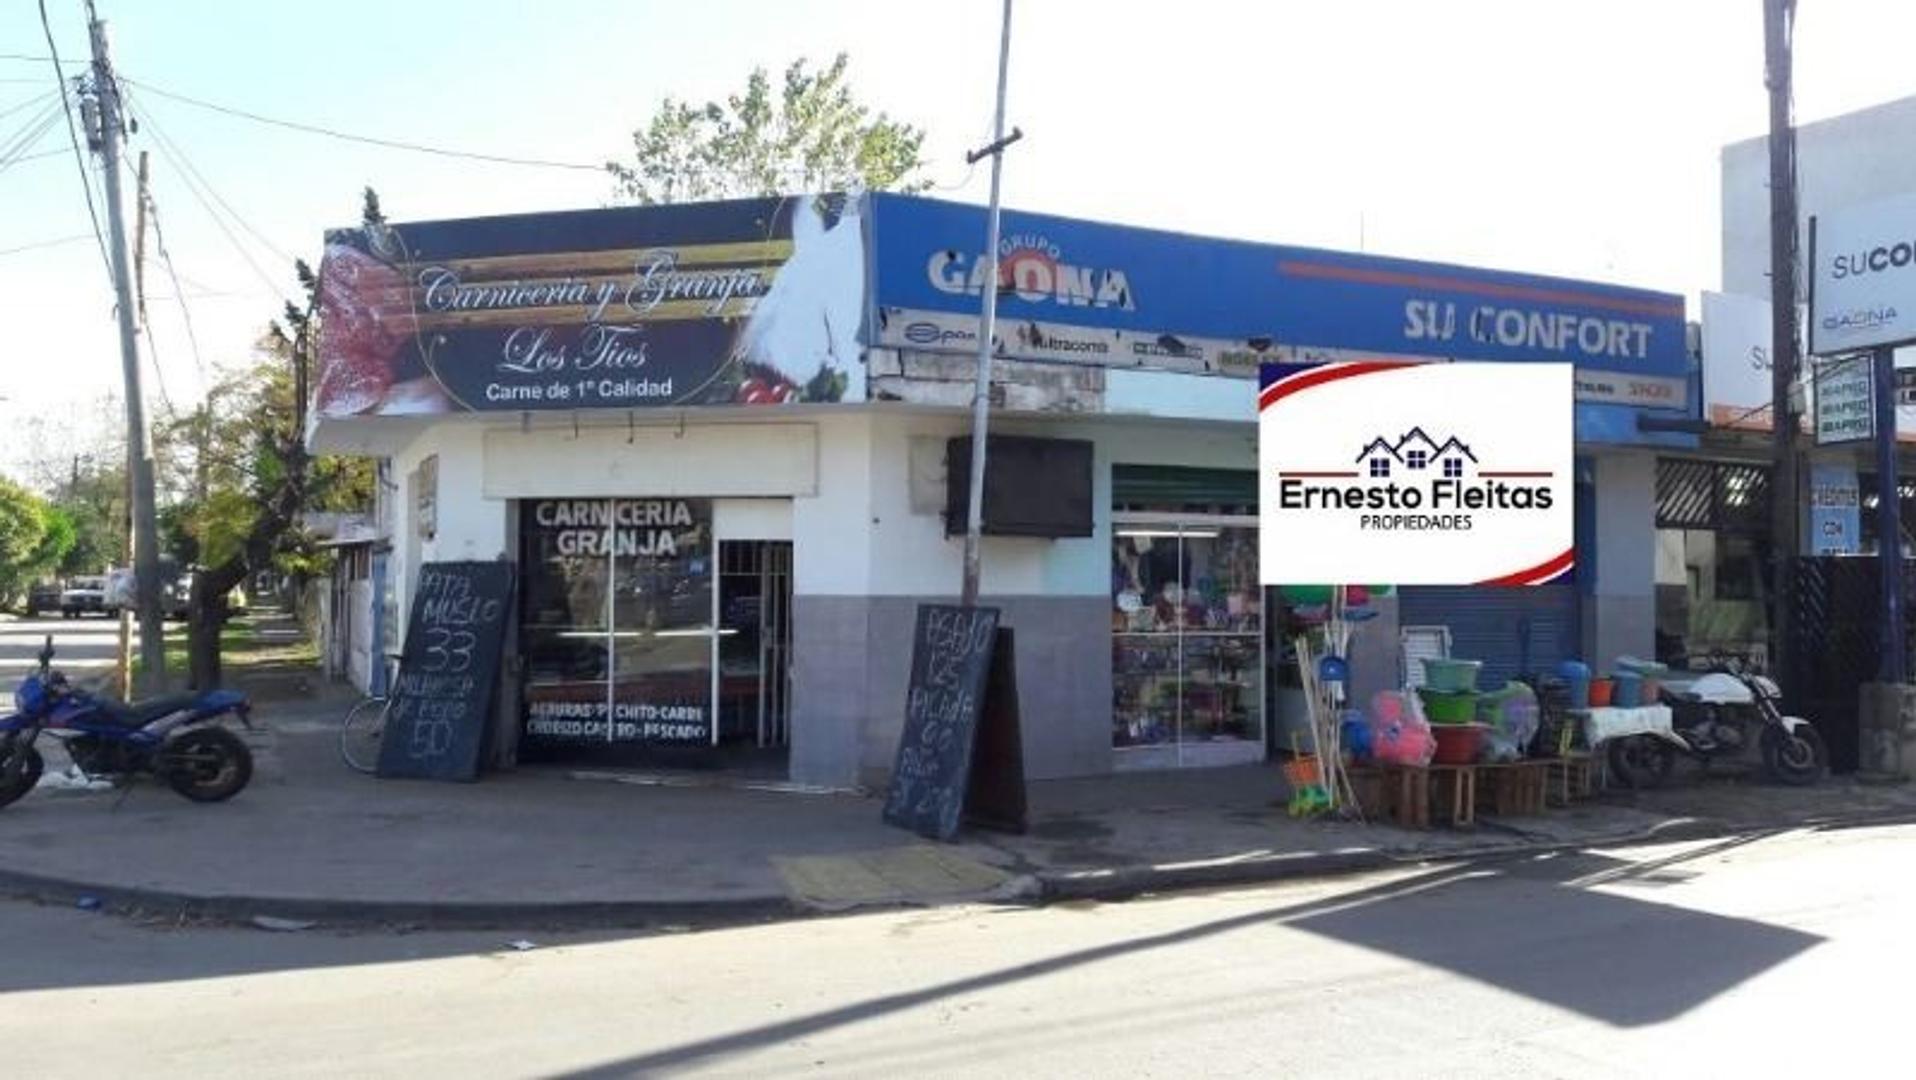 Miguel Cane y Segundo Sombra, Barrio los Pinos, Villa Luzuriaga. Propiedad de tres locales